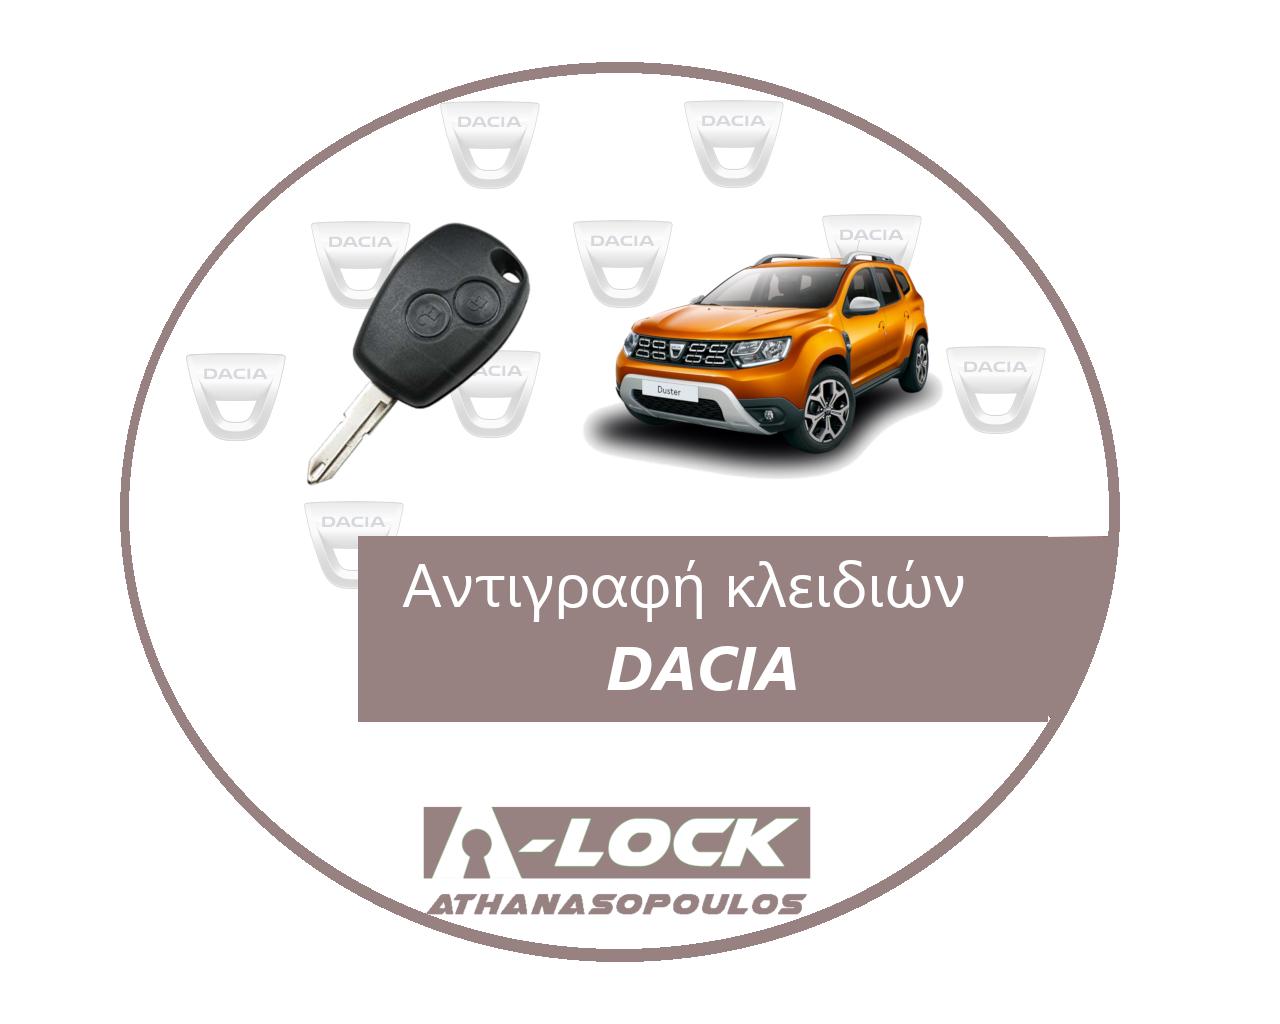 Κλειδιά Immobilizer Αυτοκινήτου DACIA - Αντιγραφές, Επισκευή Πλακέτας - 24 Ωρες Κλειδαράς Γαλάτσι A-Lock Αθανασόπουλος